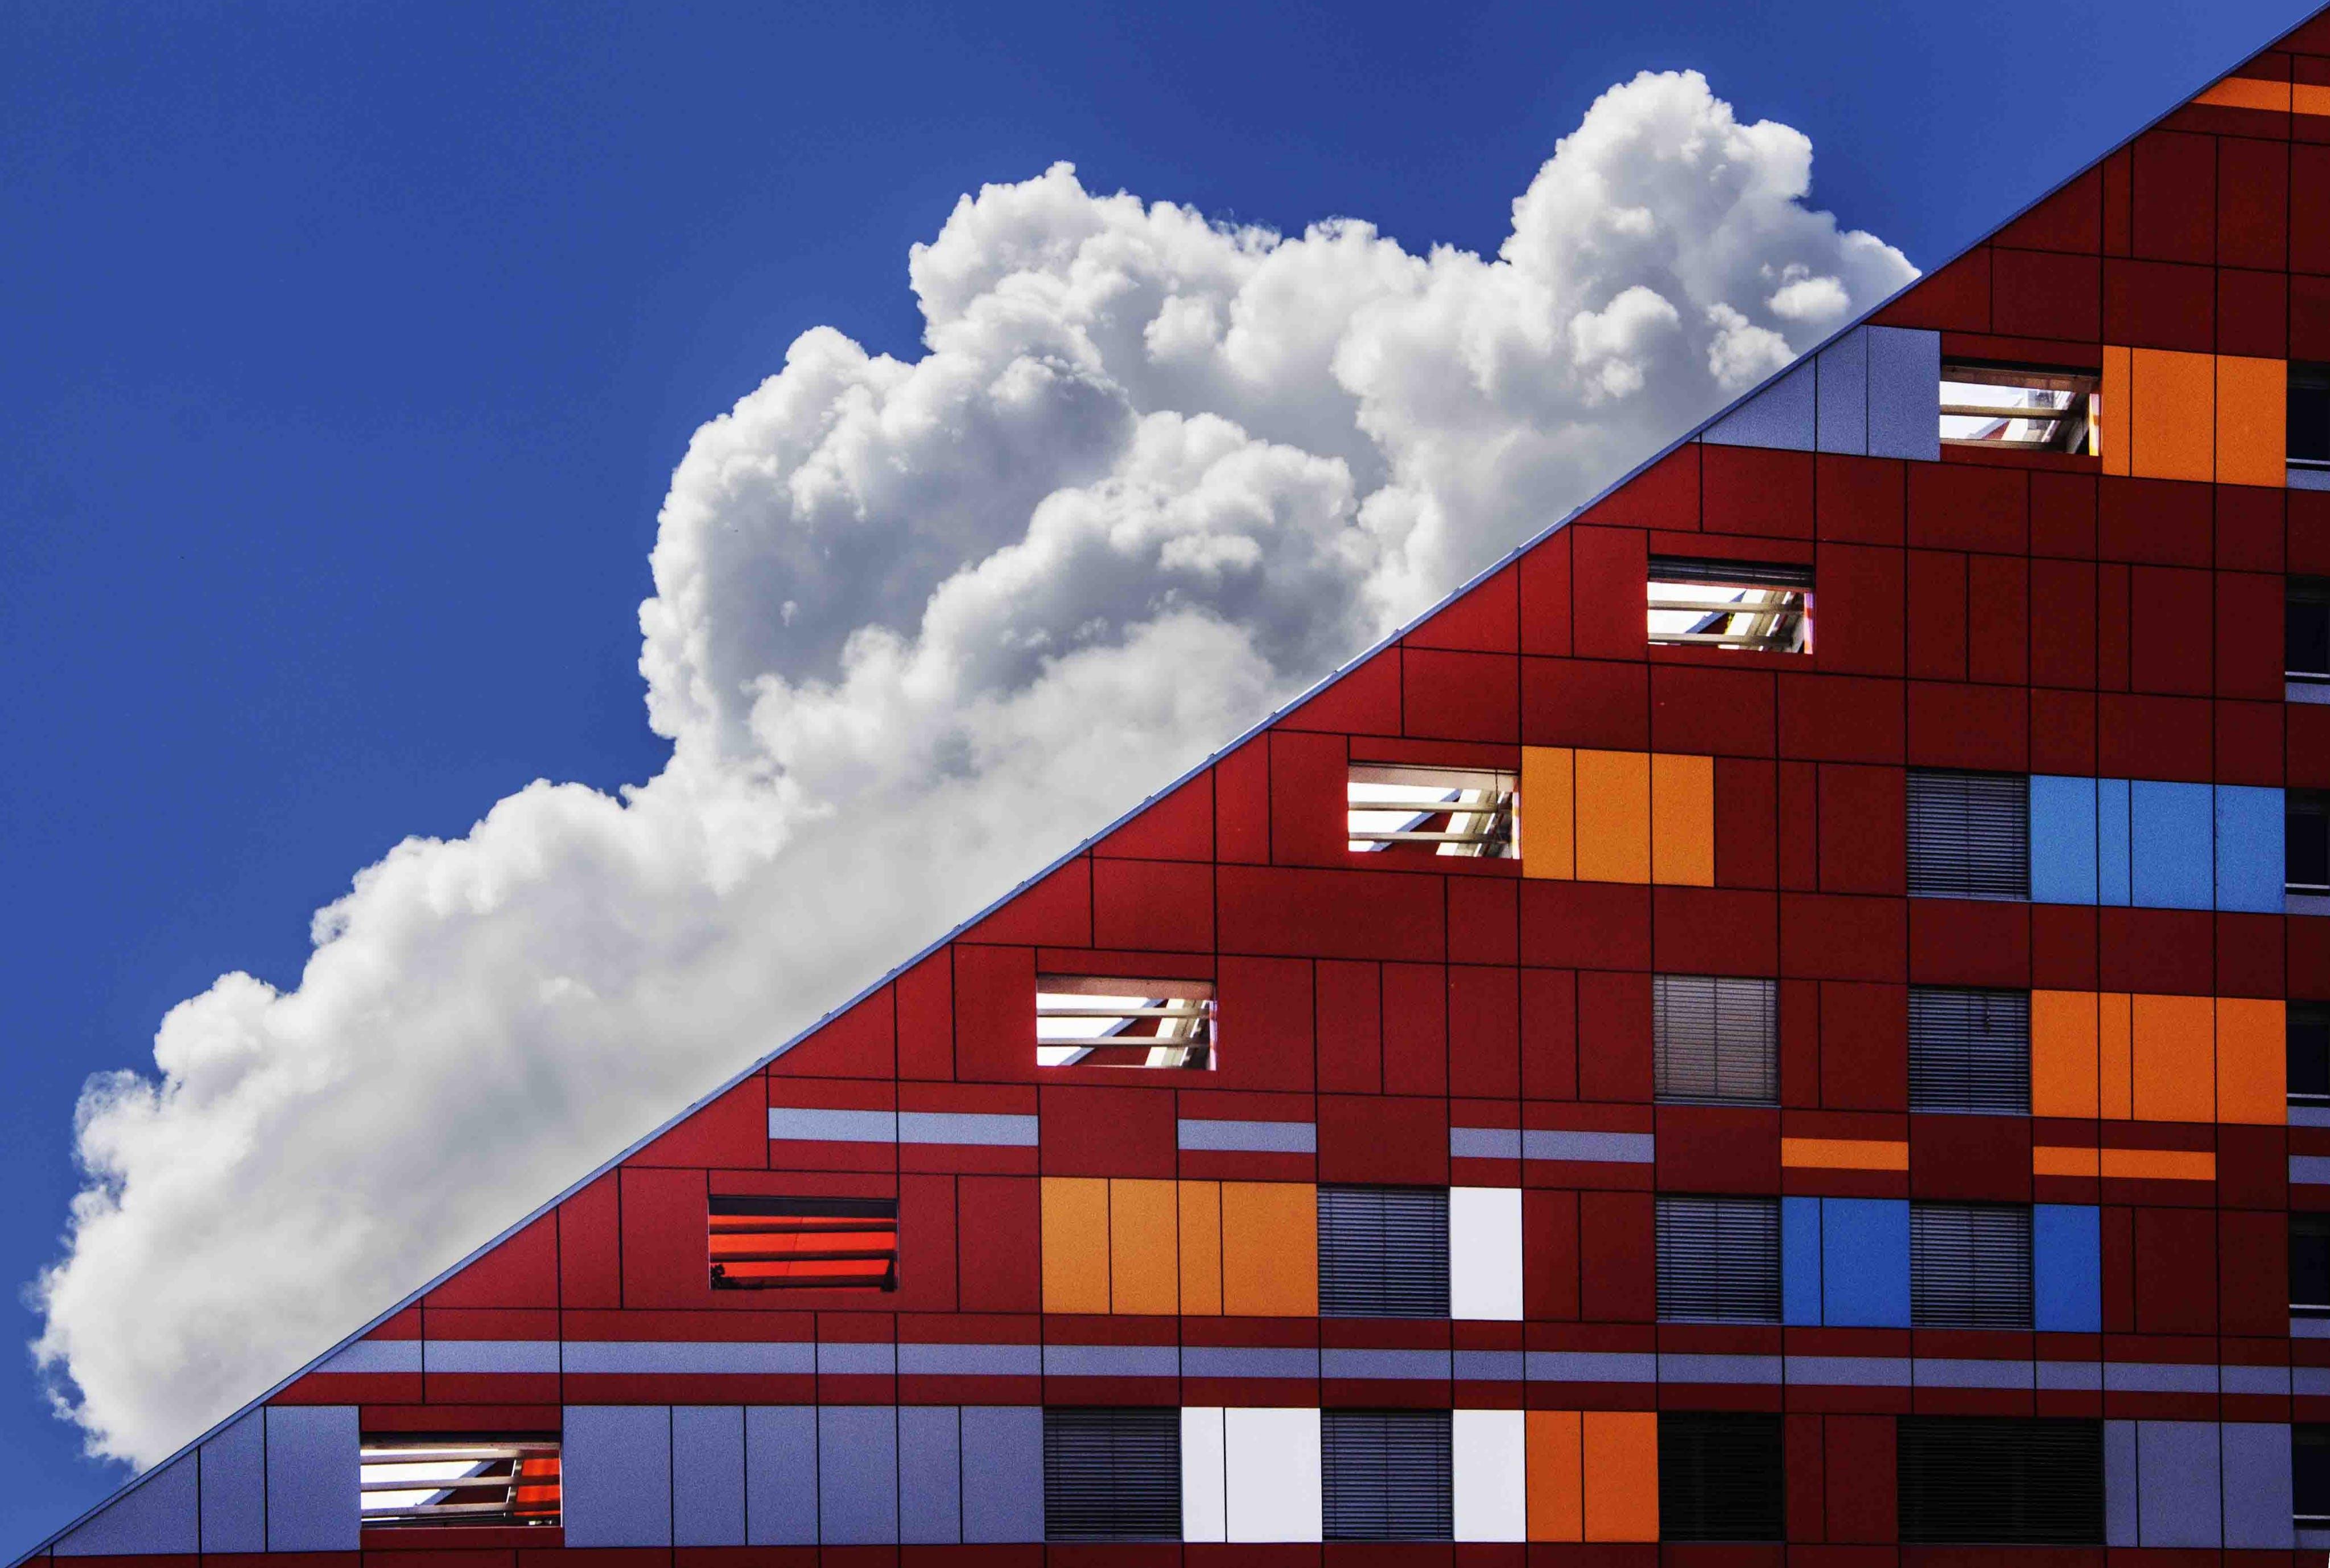 Ảnh lưu trữ miễn phí về bầu trời, hiện đại, kiến trúc, những đám mây